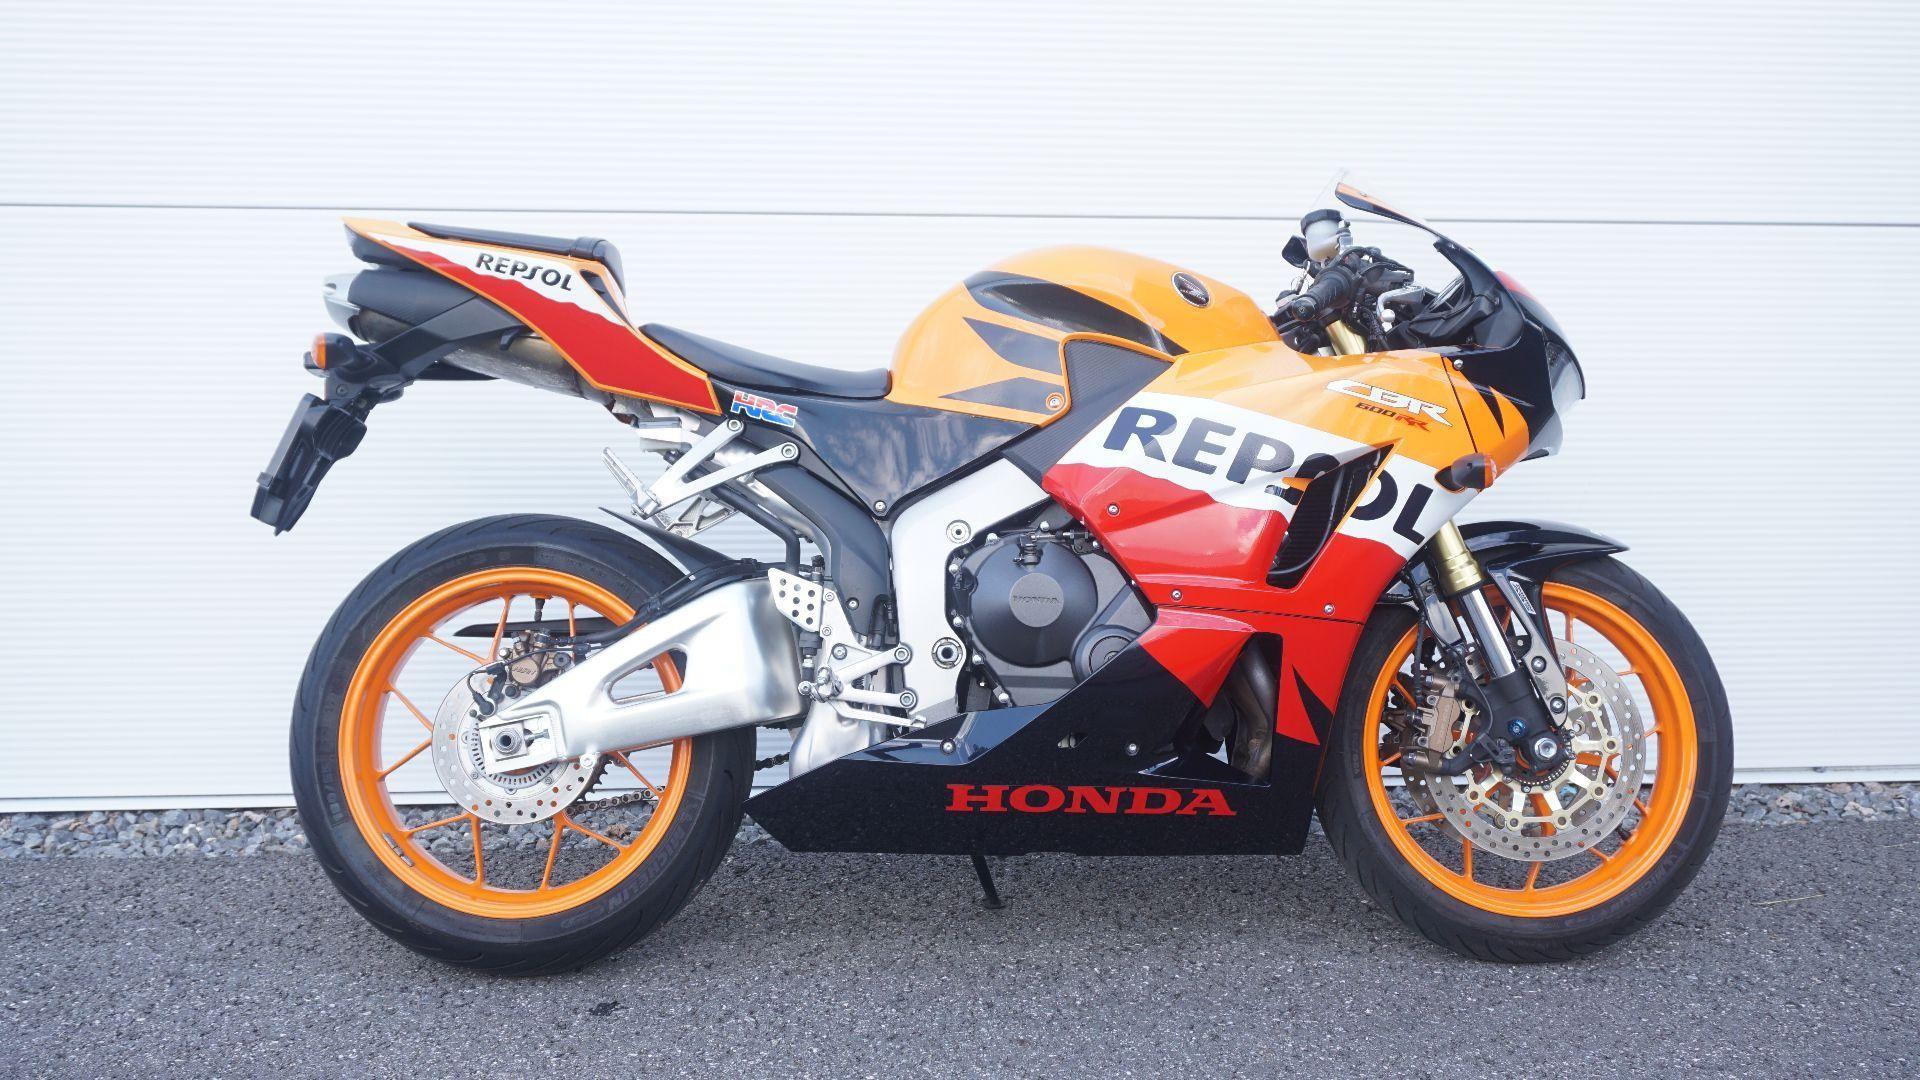 Moto Occasioni Acquistare Honda Cbr 600 Ra Abs Moto Graubünden